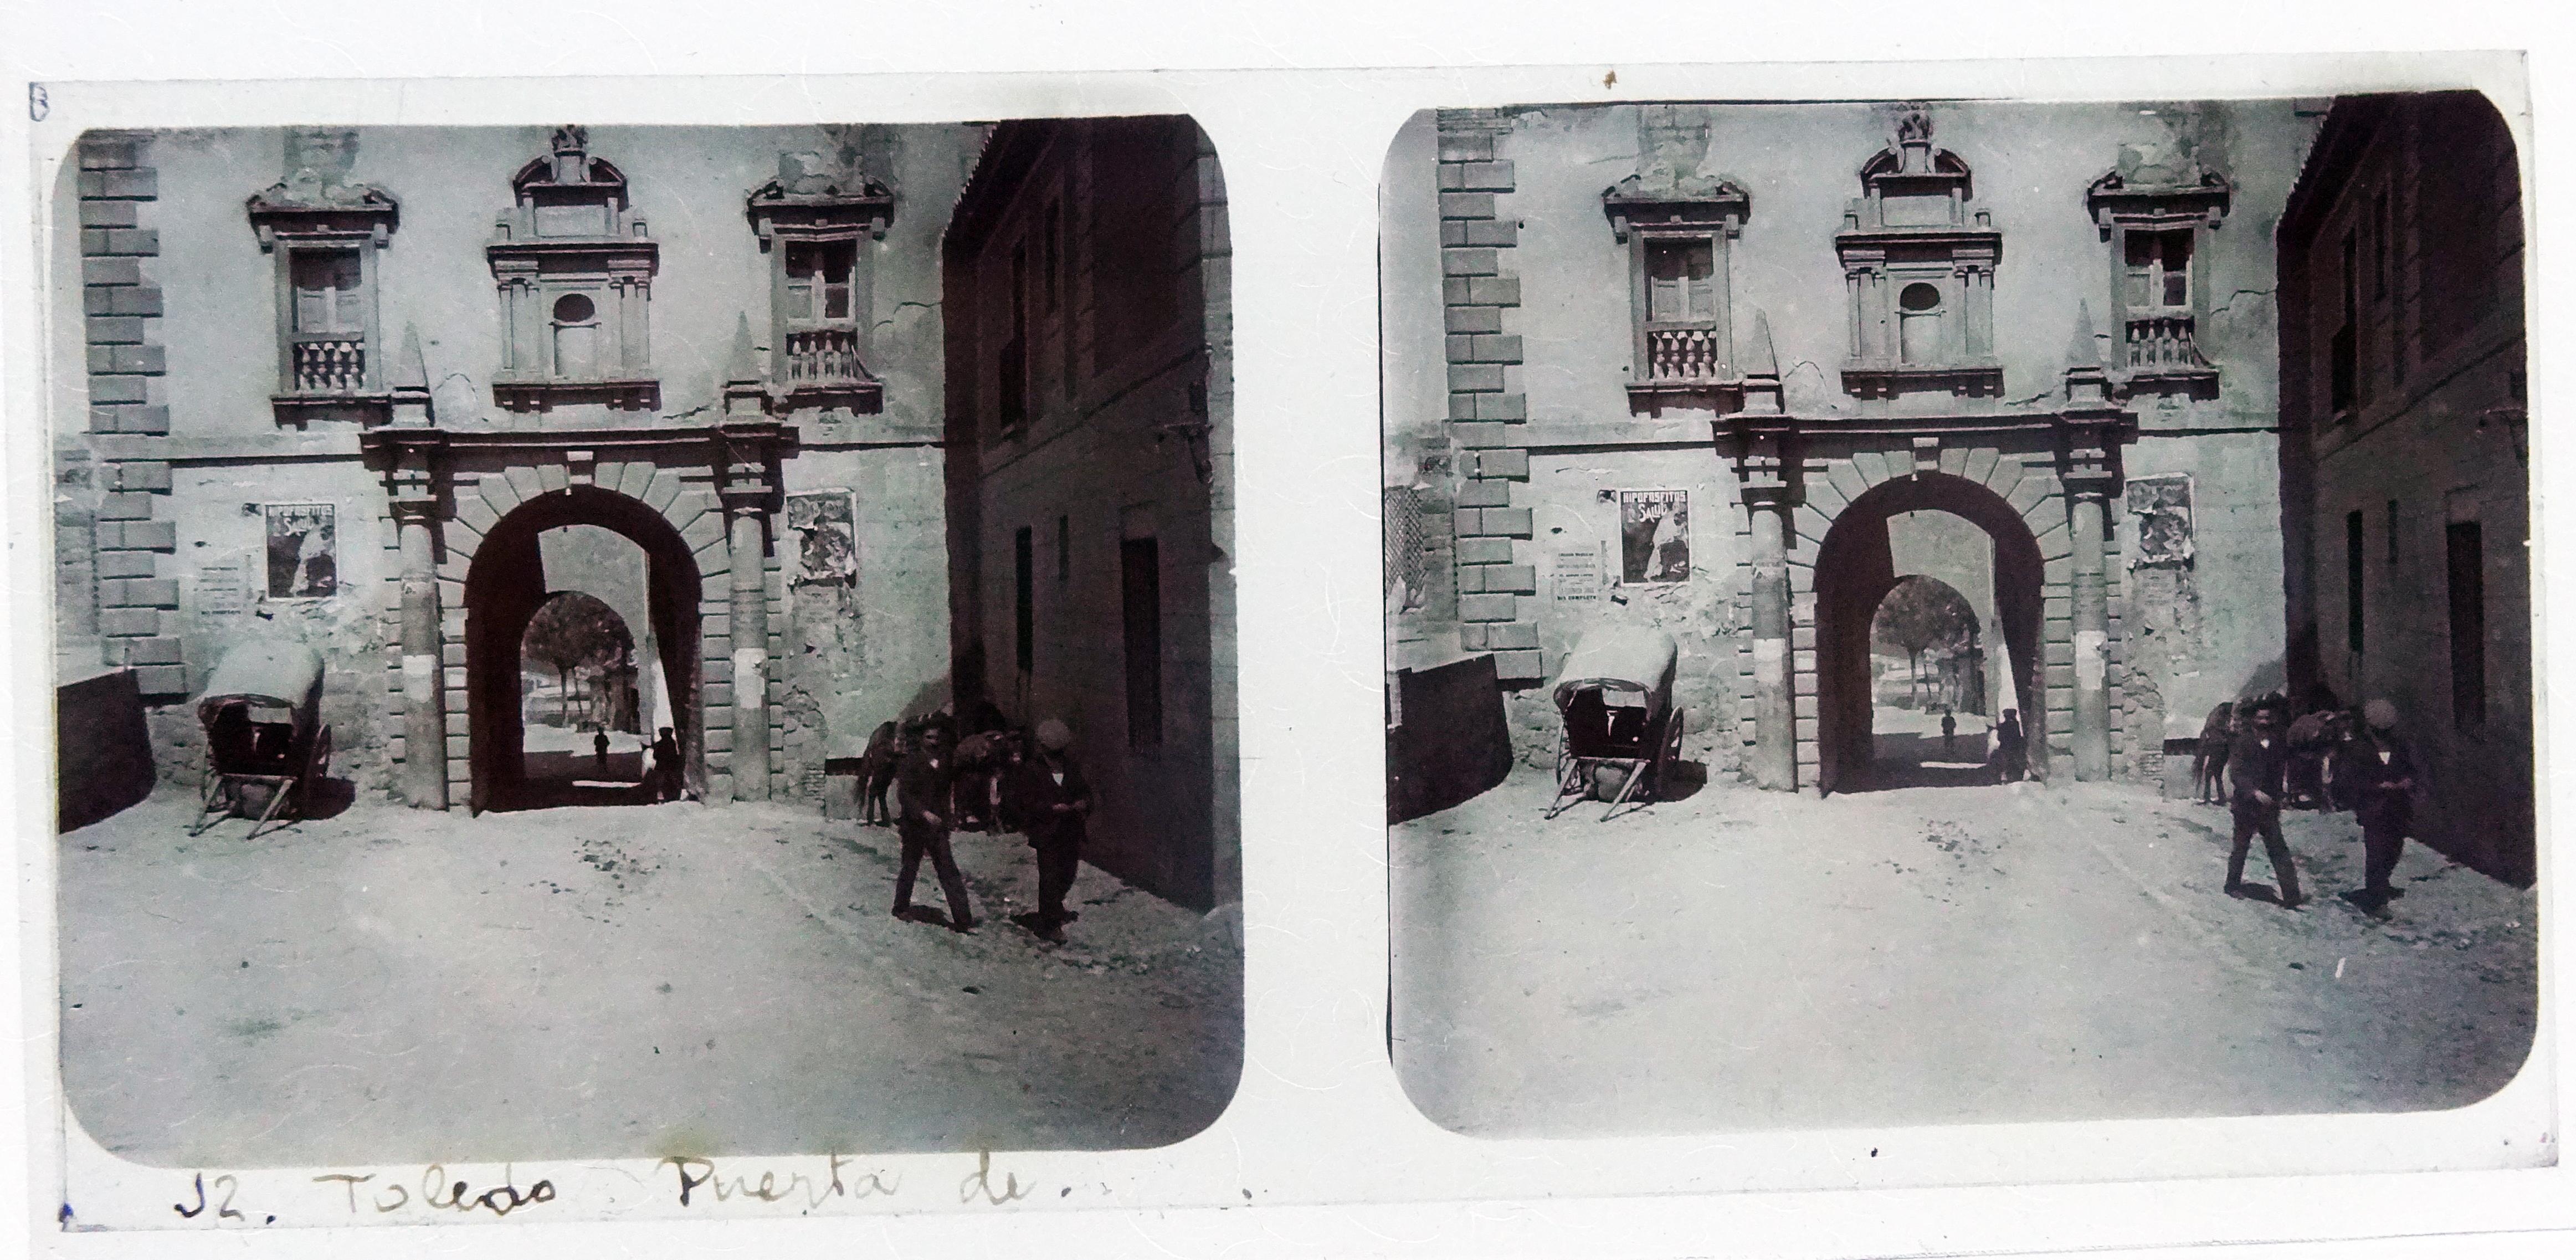 Puerta del Cambrón. Fotografía de Francisco Rodríguez Avial hacia 1910 © Herederos de Francisco Rodríguez Avial